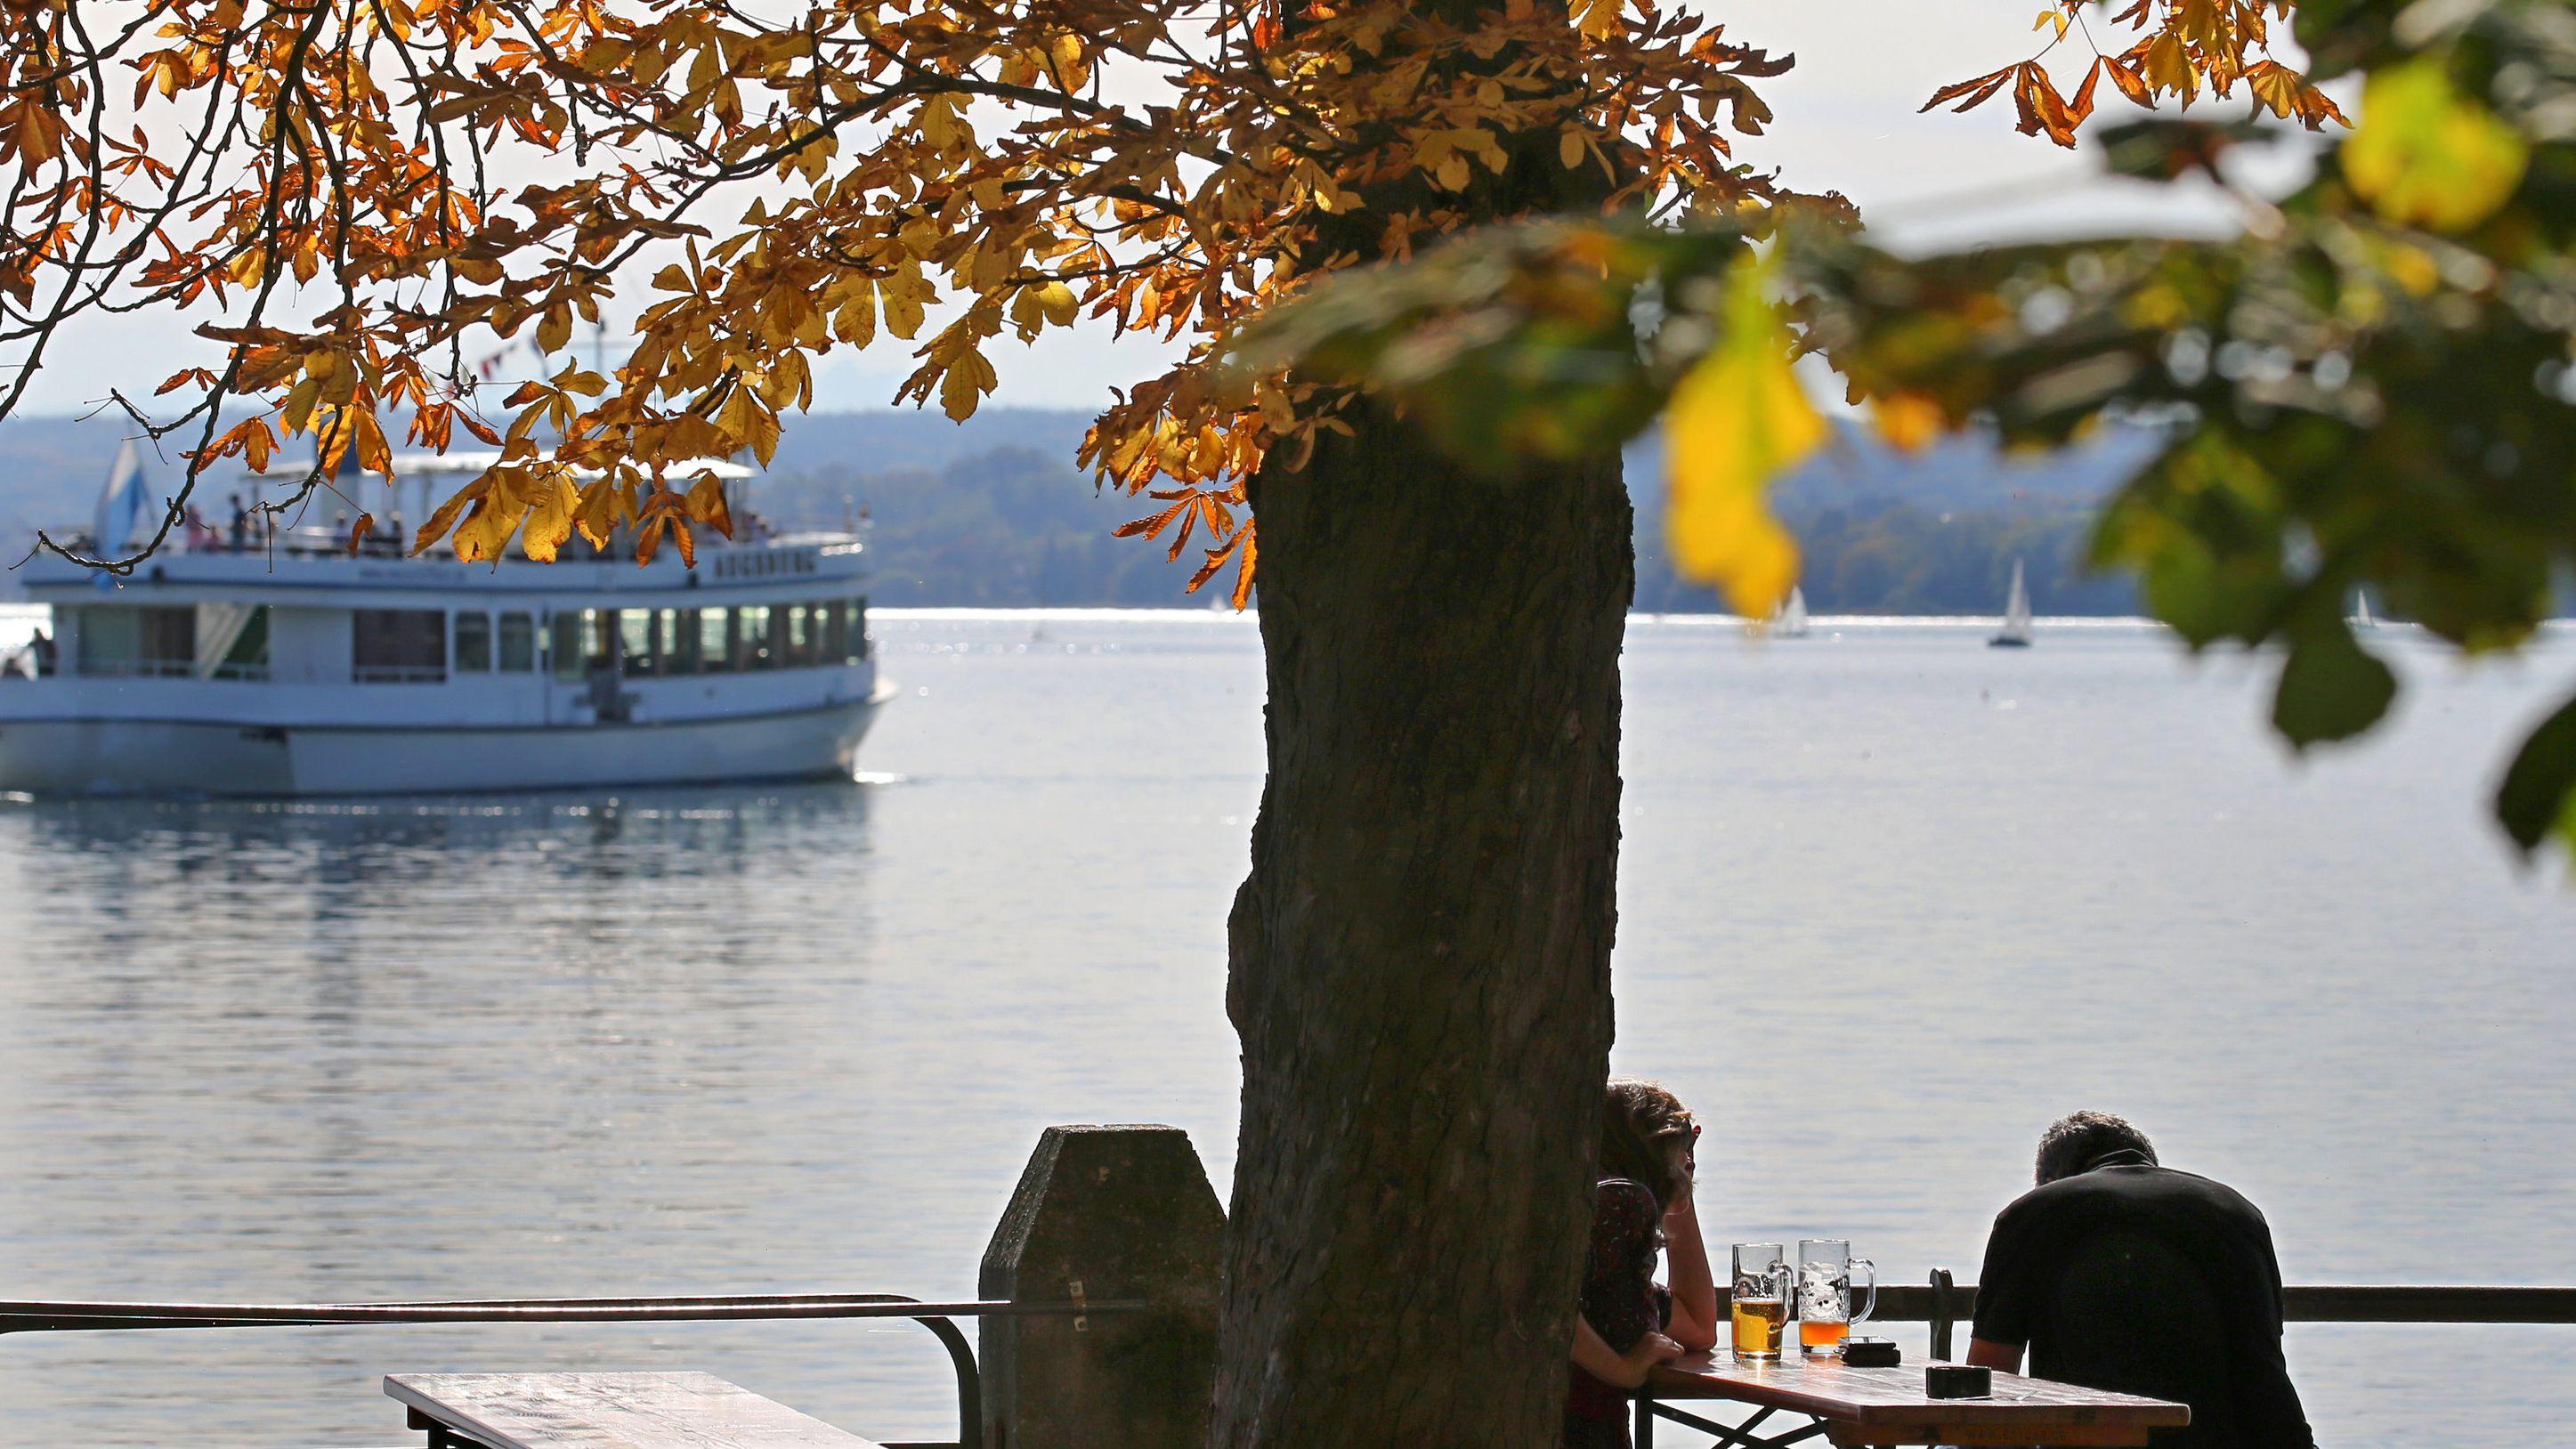 Ausflügler sitzen in einem Biergarten am Ammersee unter herbstlich gefärbten Bäumen